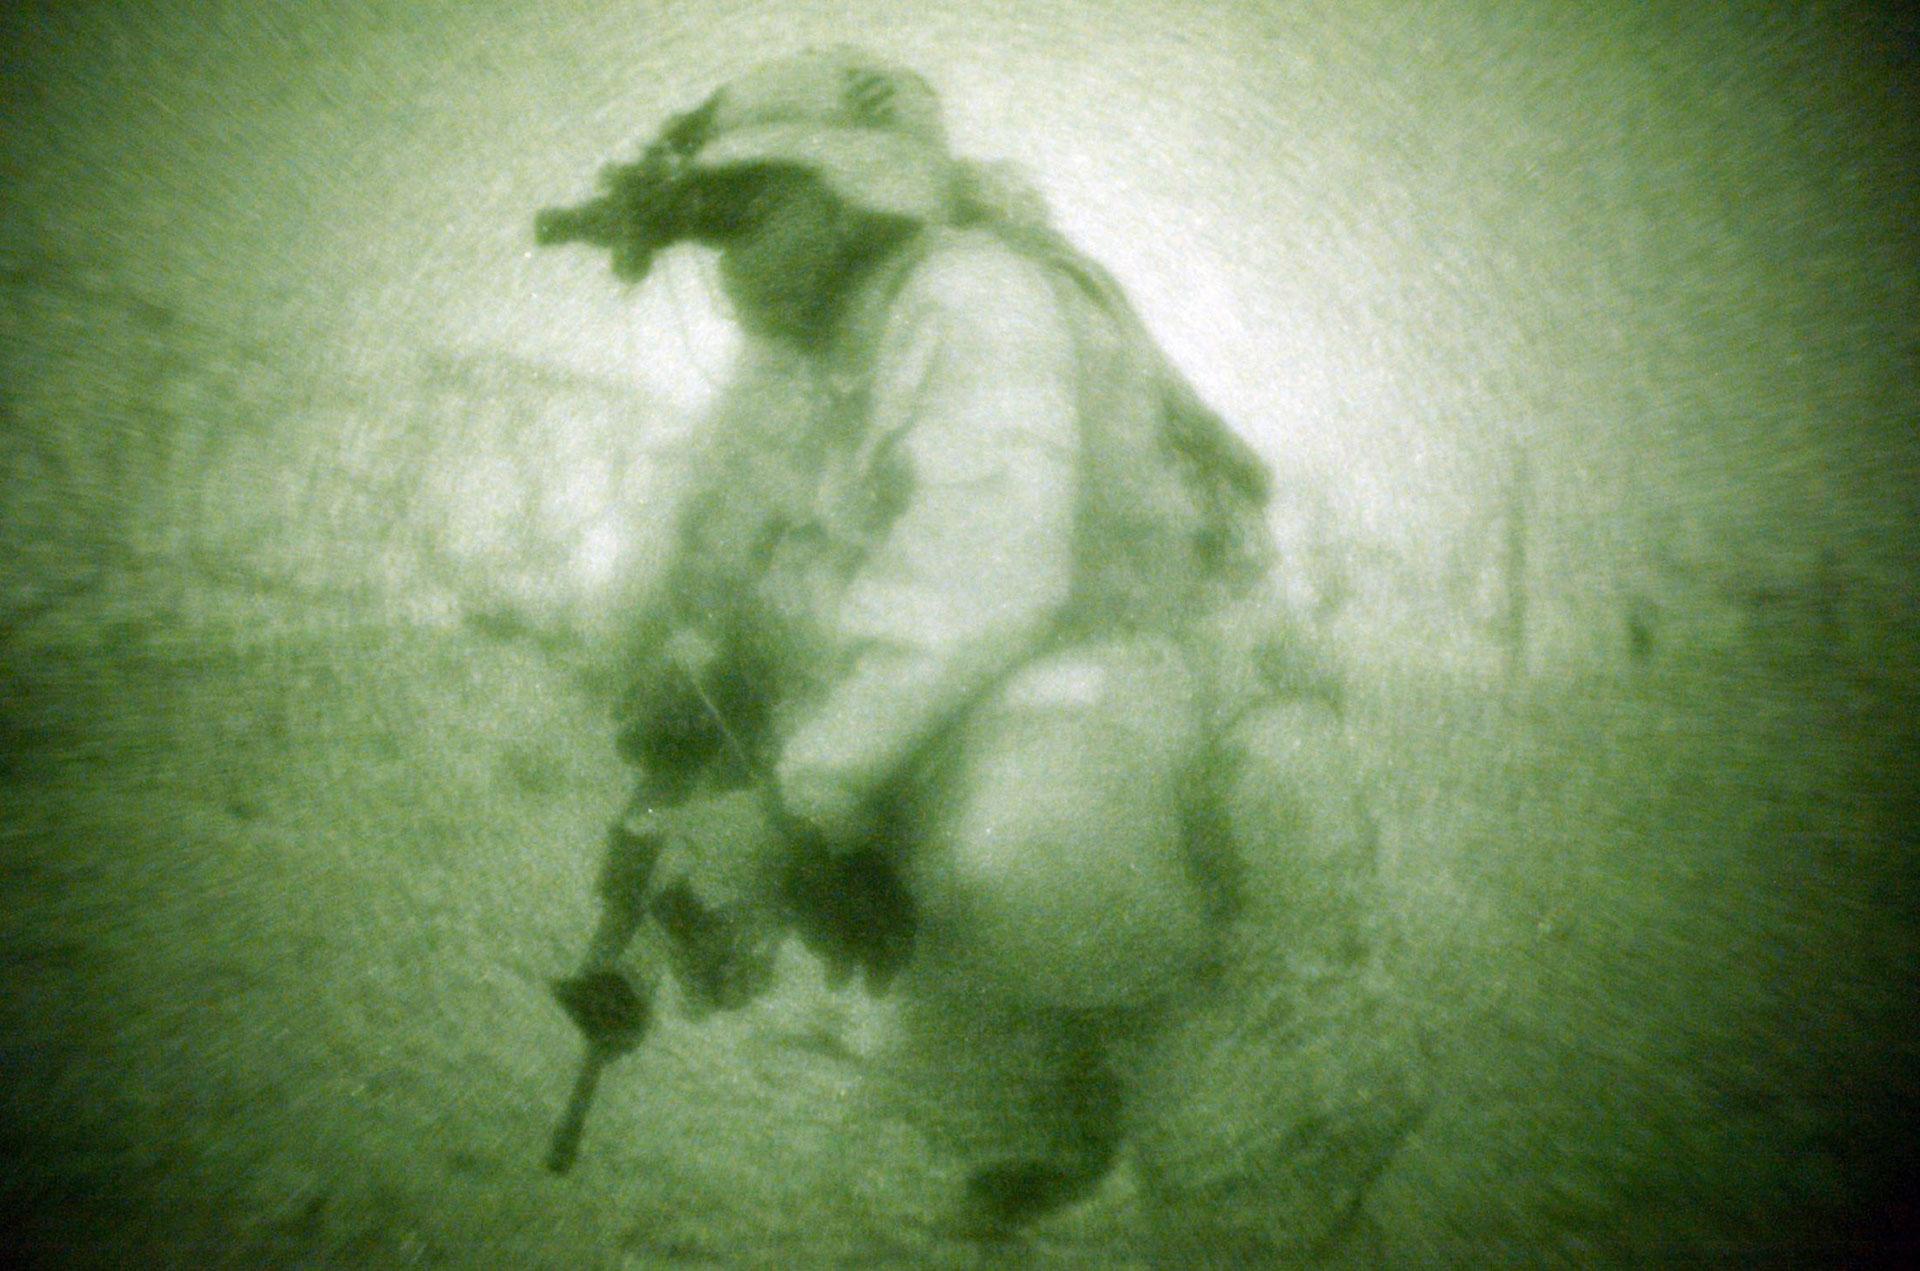 2013. Un soldado de la Tercera División de Infantería durante un operativo en Kuwait. Luego irían a luchar a Irak